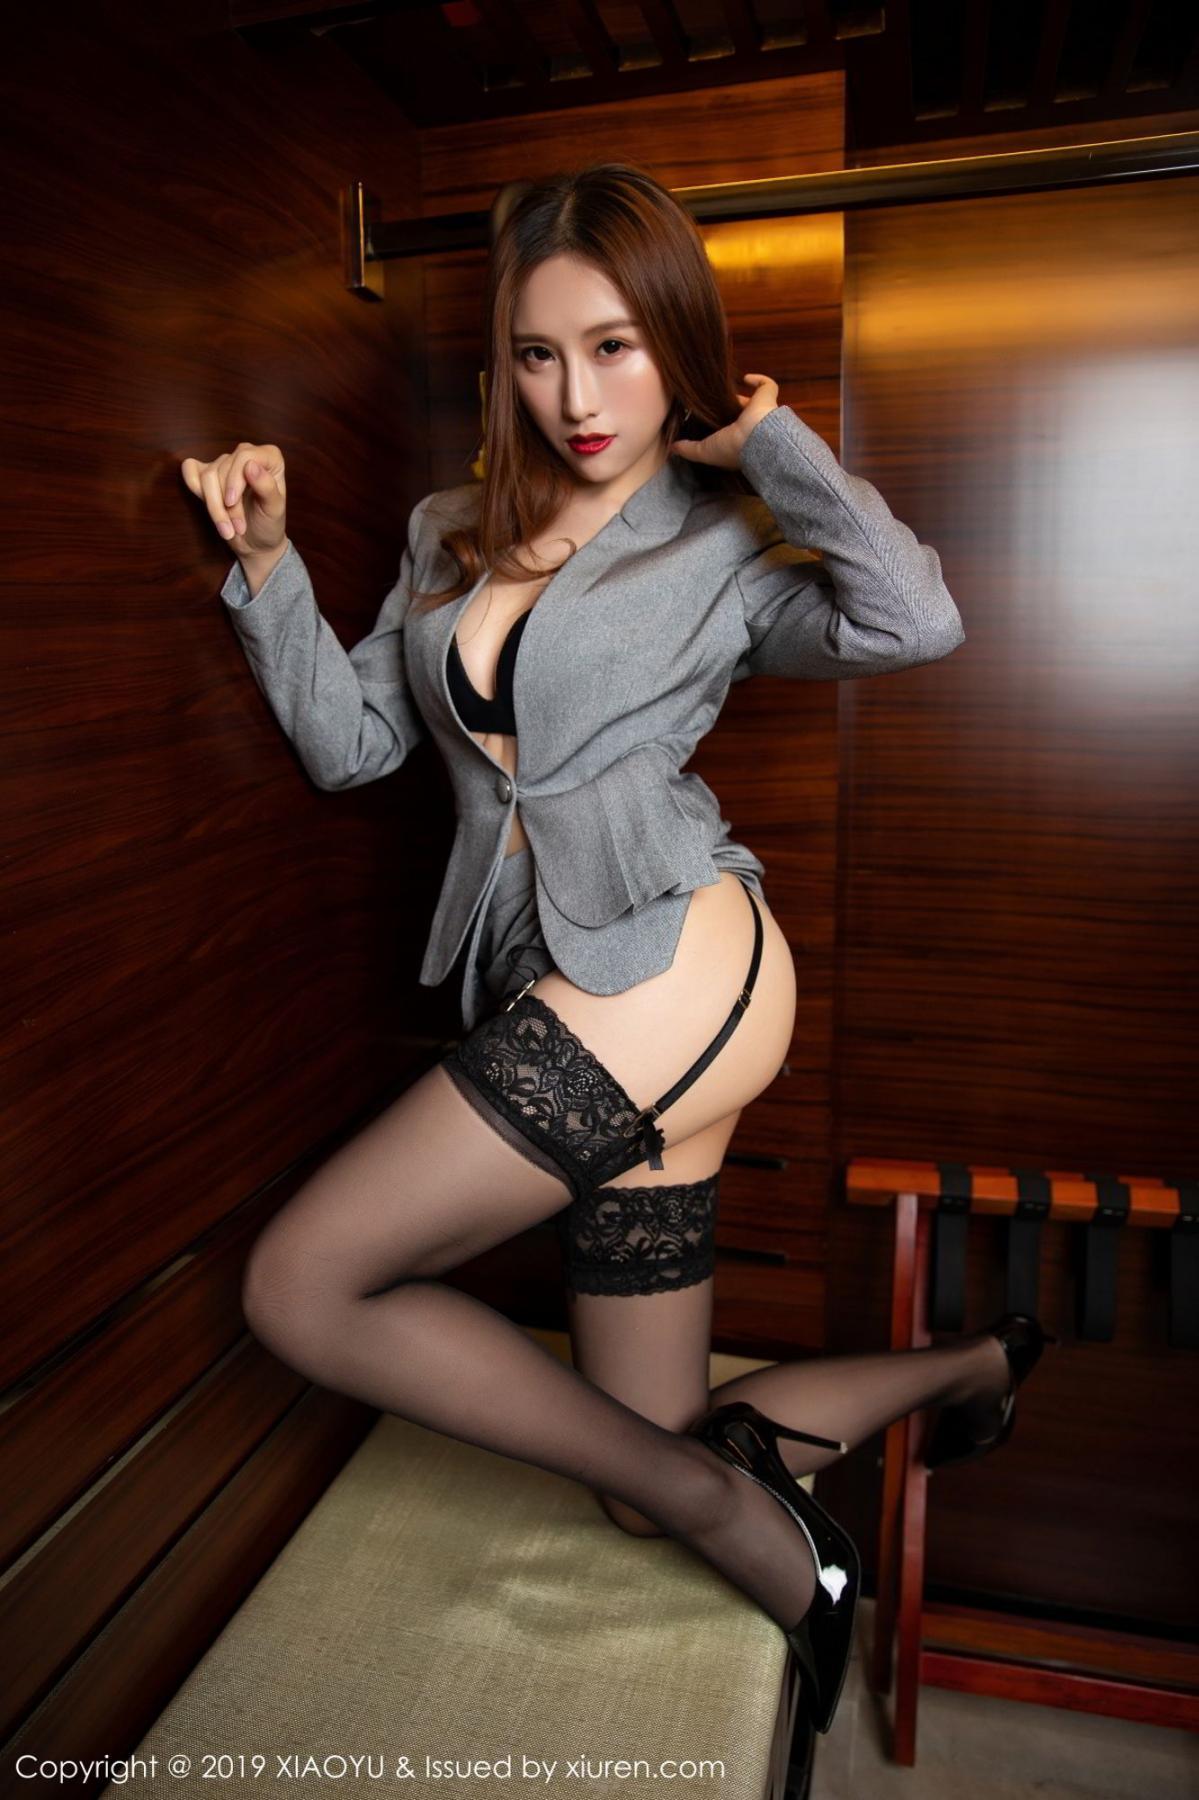 [XiaoYu] Vol.096 Yue Yin Tong 23P, Black Silk, Uniform, XiaoYu, Yue Yin Tong